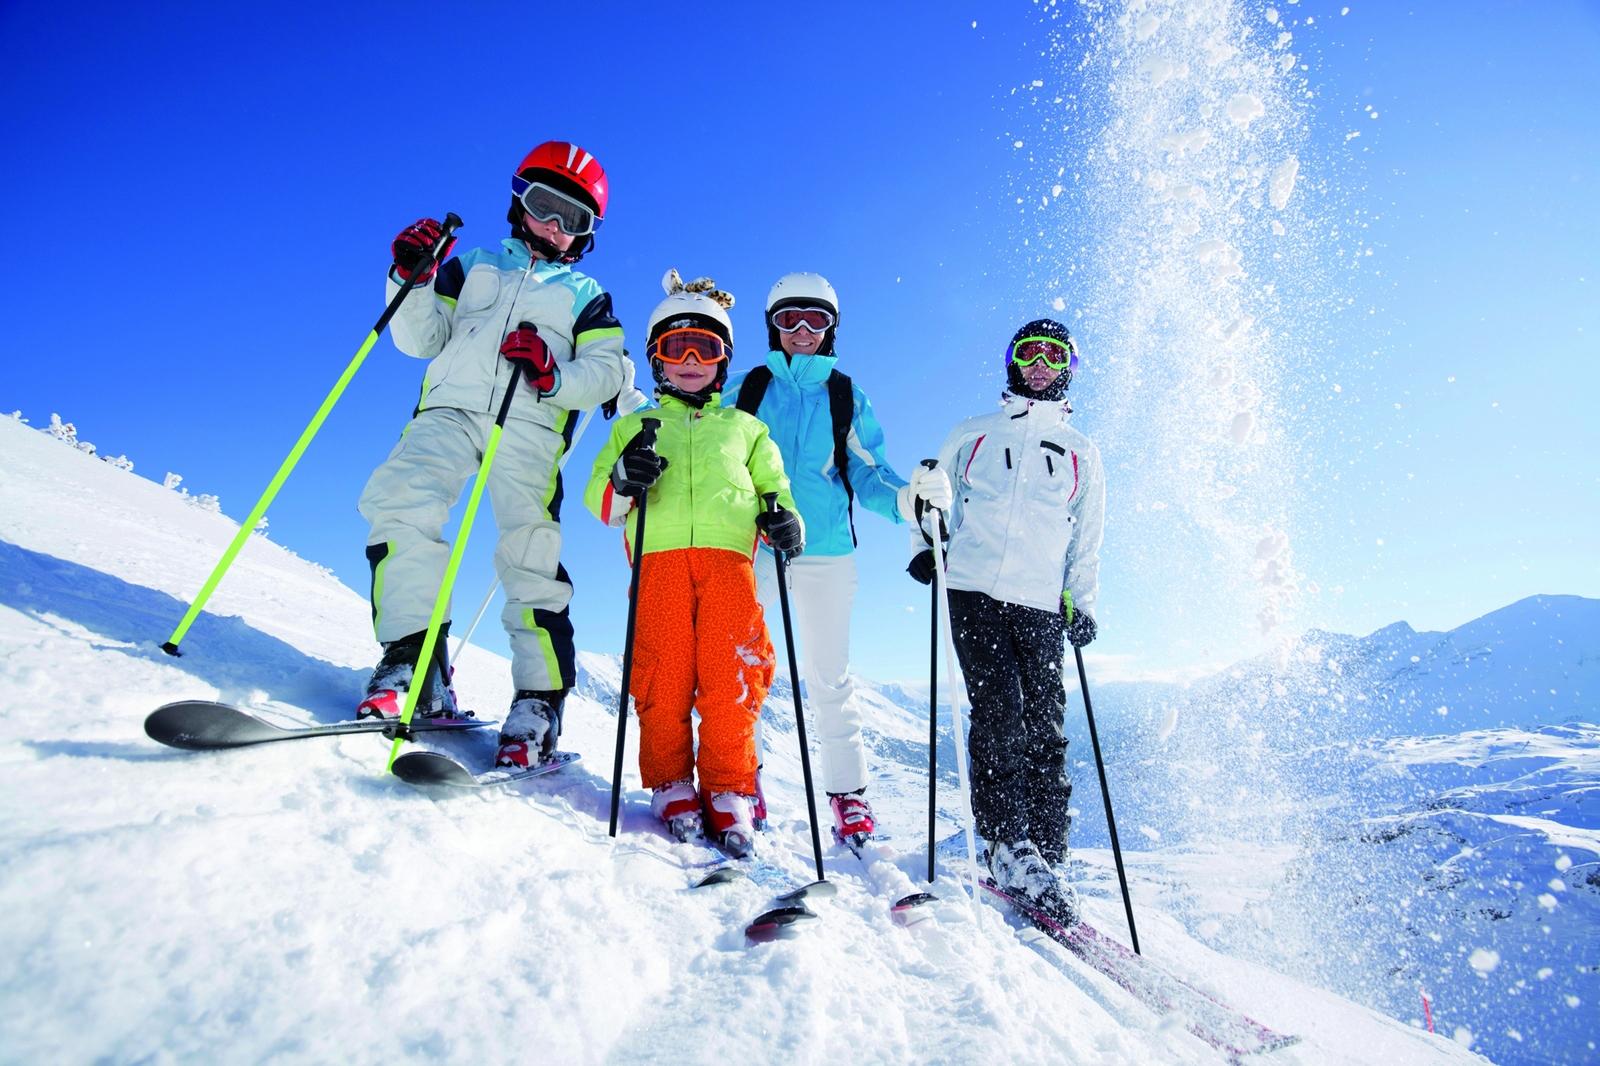 Pierwsze kroki na nartach to dla dzieciaków najczęściej wielka frajda, fot. Kinderhotels Europa